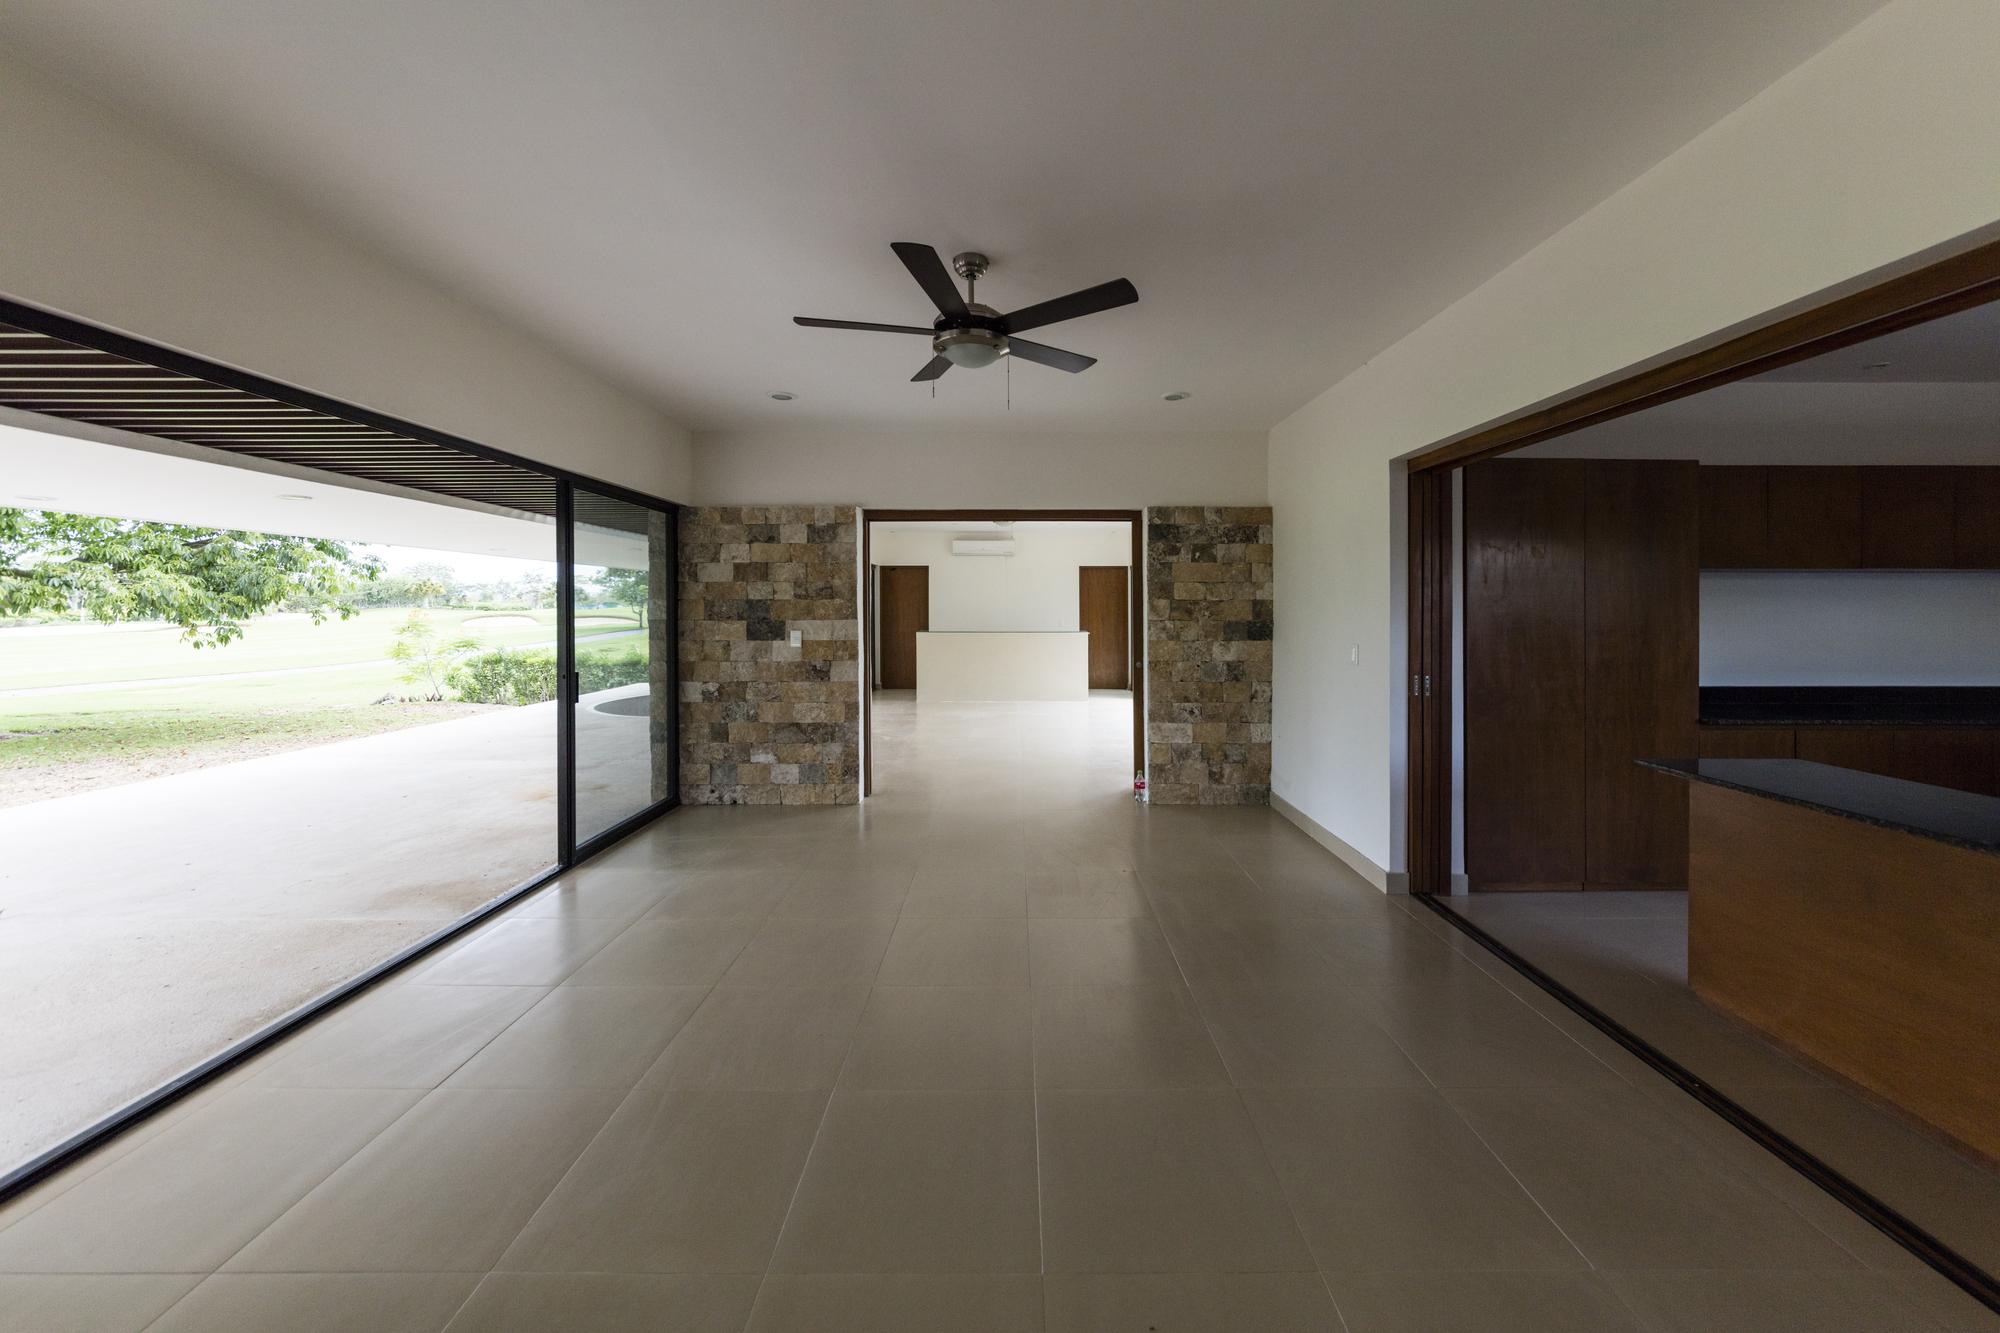 Galer a de casa kanha 161 boyance arquitectos 14 - Arquitectos madrid 2 0 ...